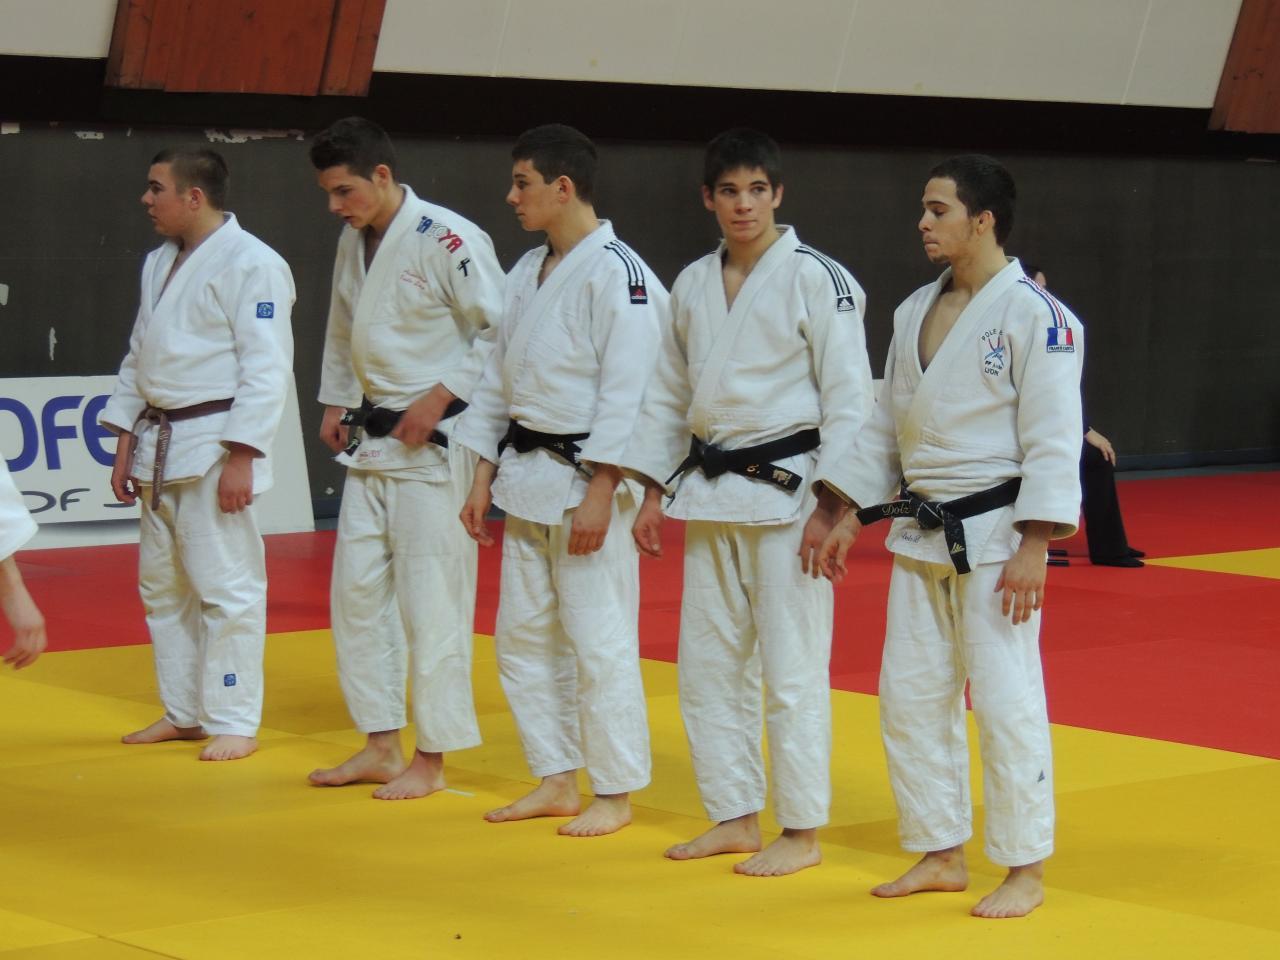 rencontre femme judoka rencontres utp bordeaux